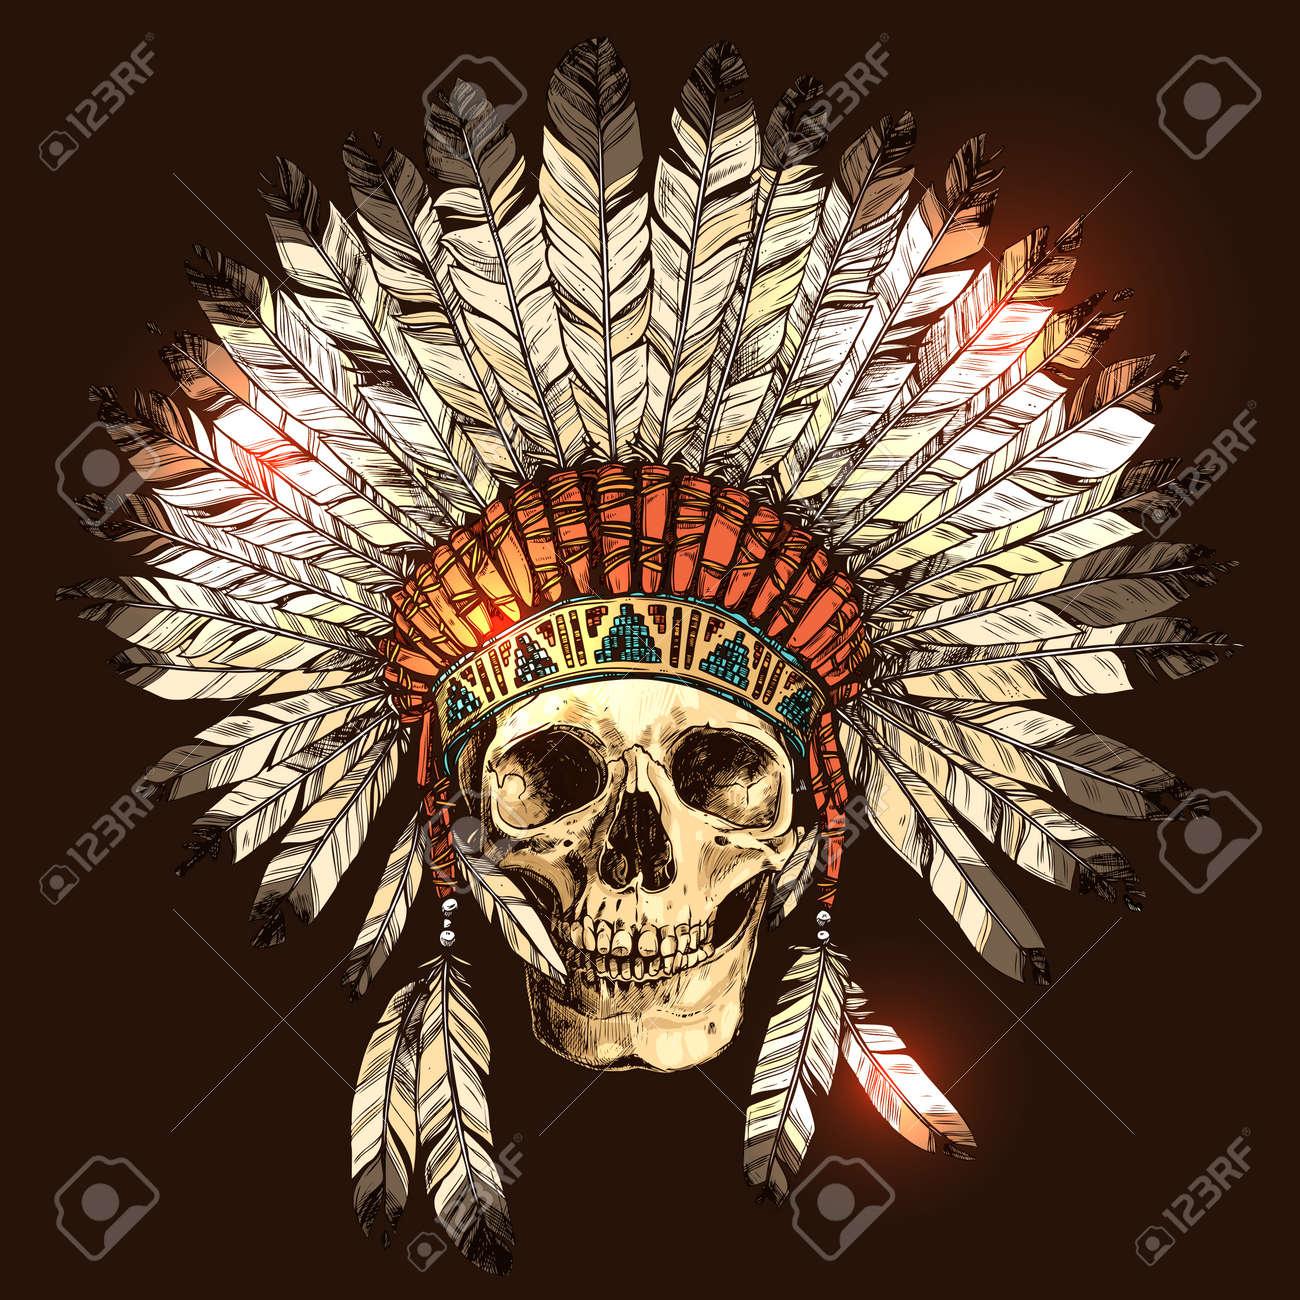 Dibujado mano indio del nativo americano tocado con el cráneo humano.  Vector ilustración en color 97cd099aee0